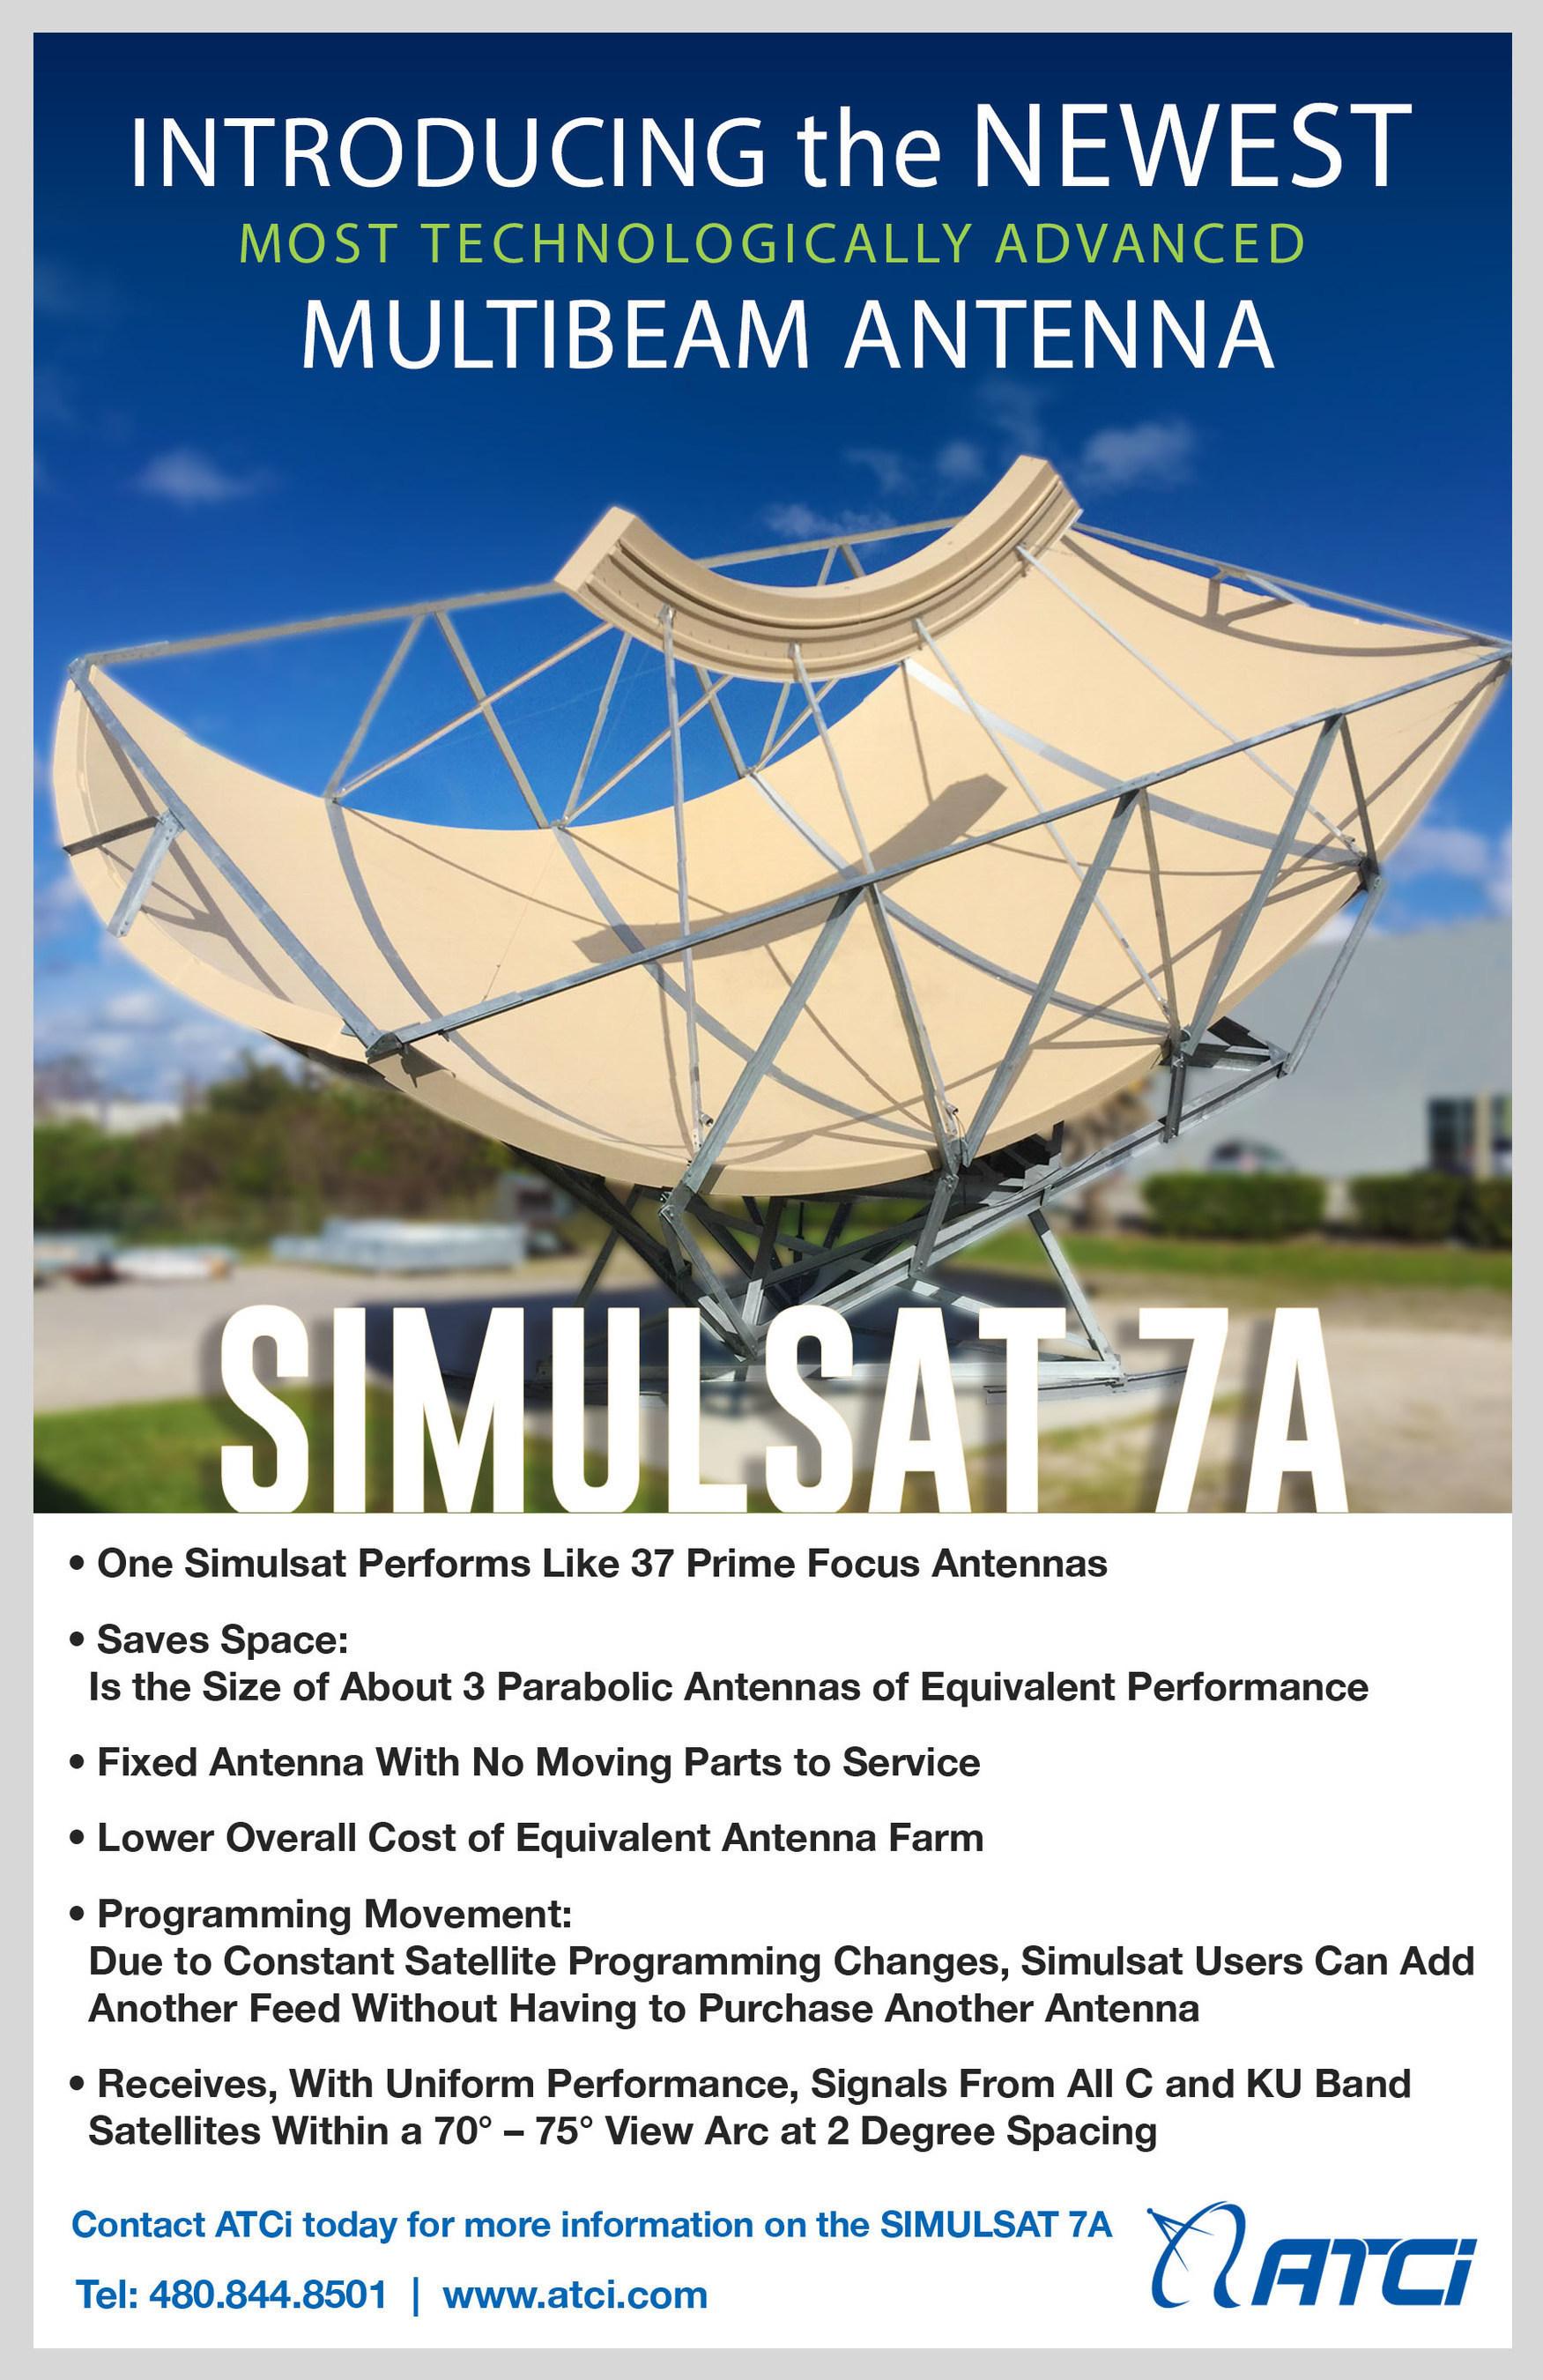 Simulsat 7A